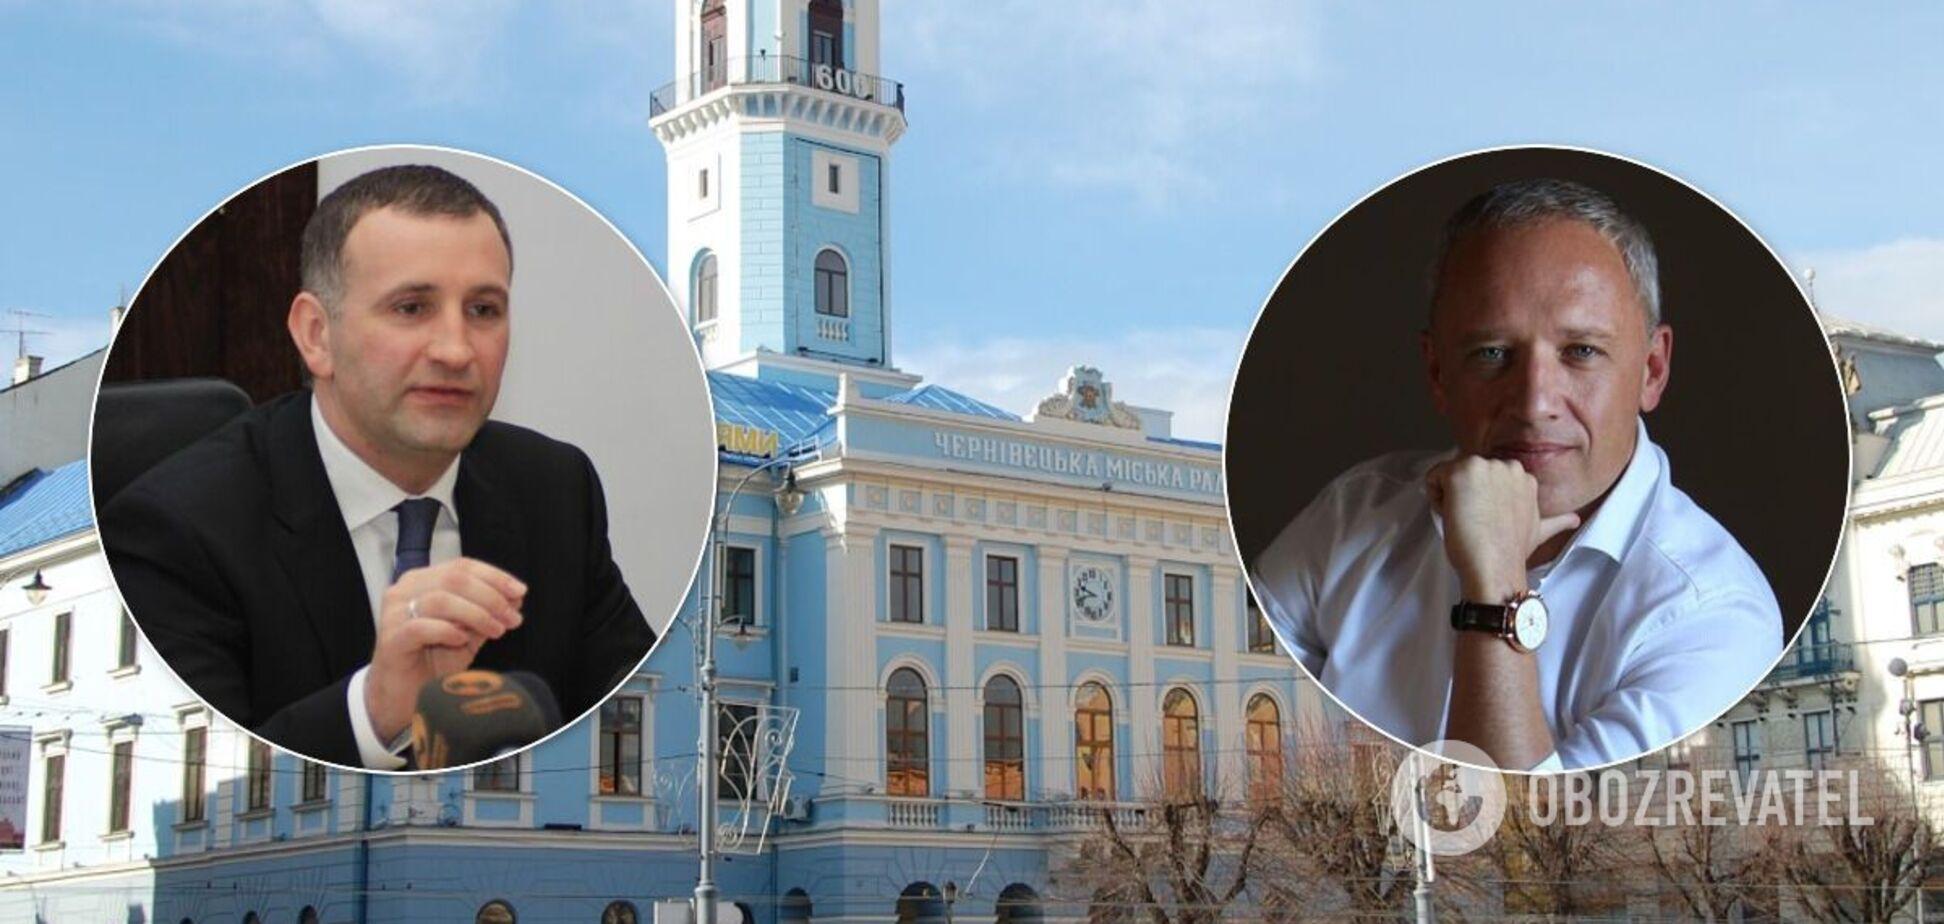 Выборы мэра Черновцов проходят 29 ноября